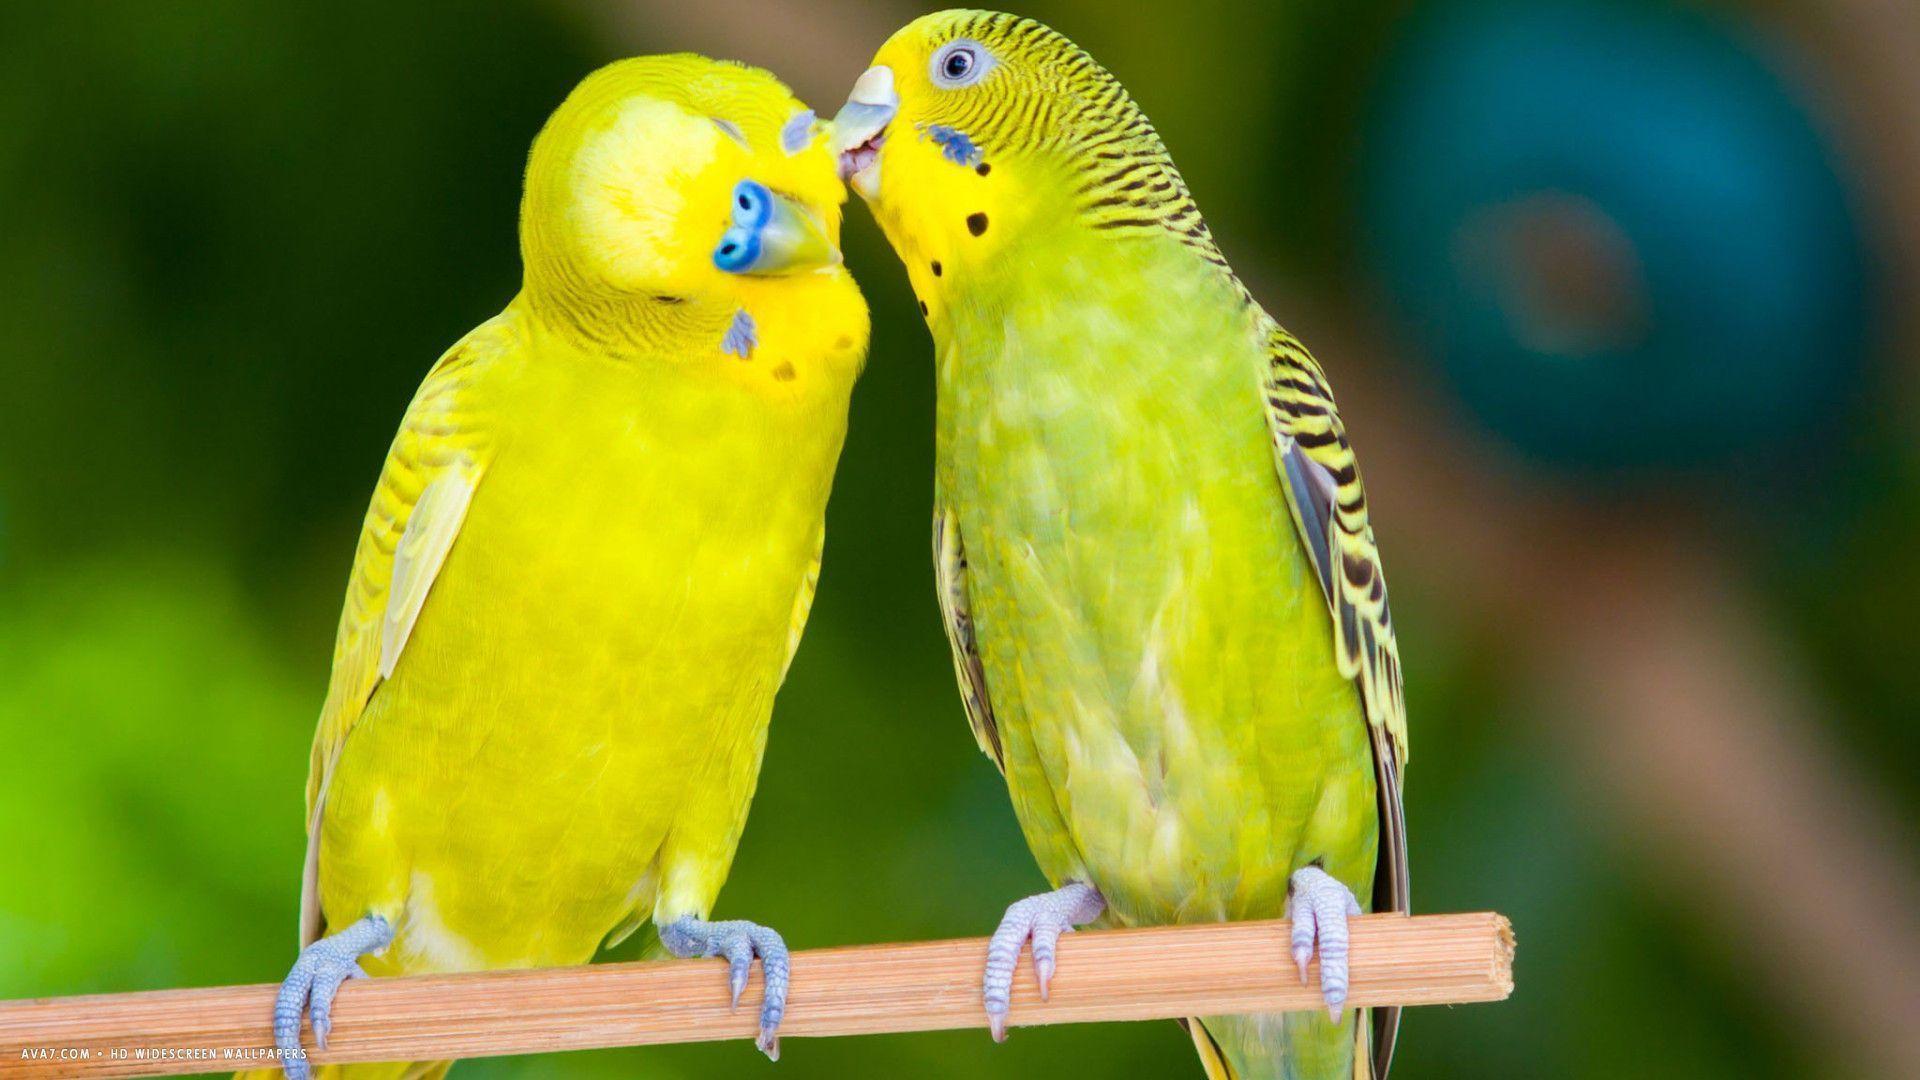 Love Birds Pictures Download: Wallpapers Of Love Birds